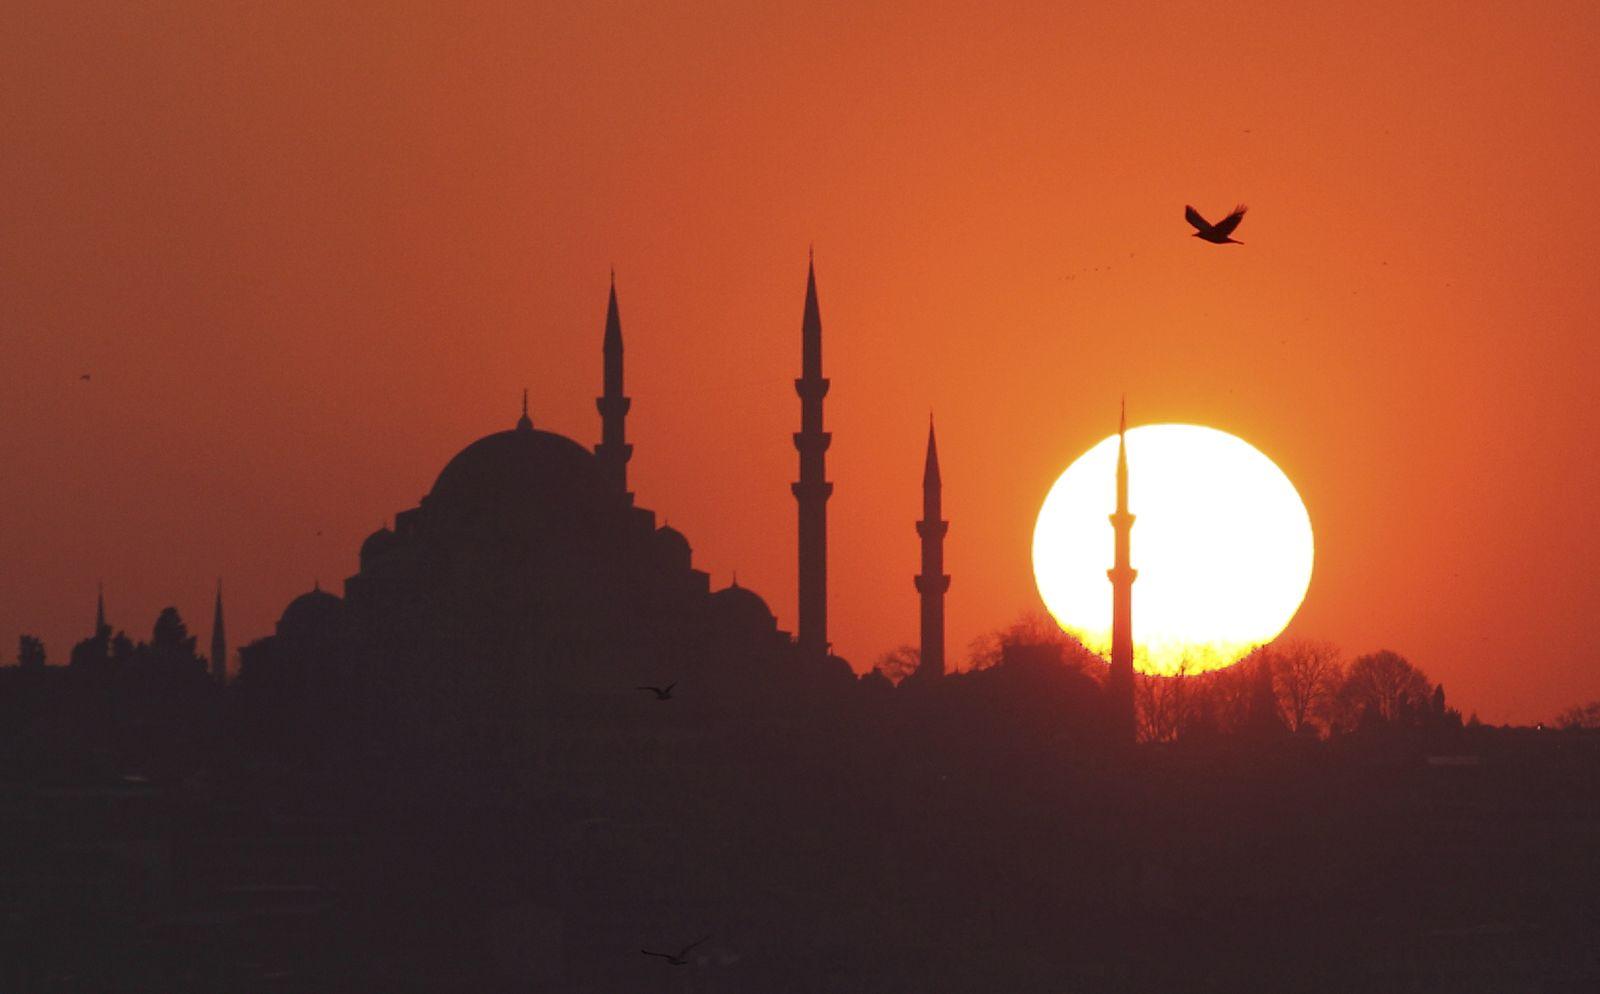 Suleymaniye-Moschee / Istanbul